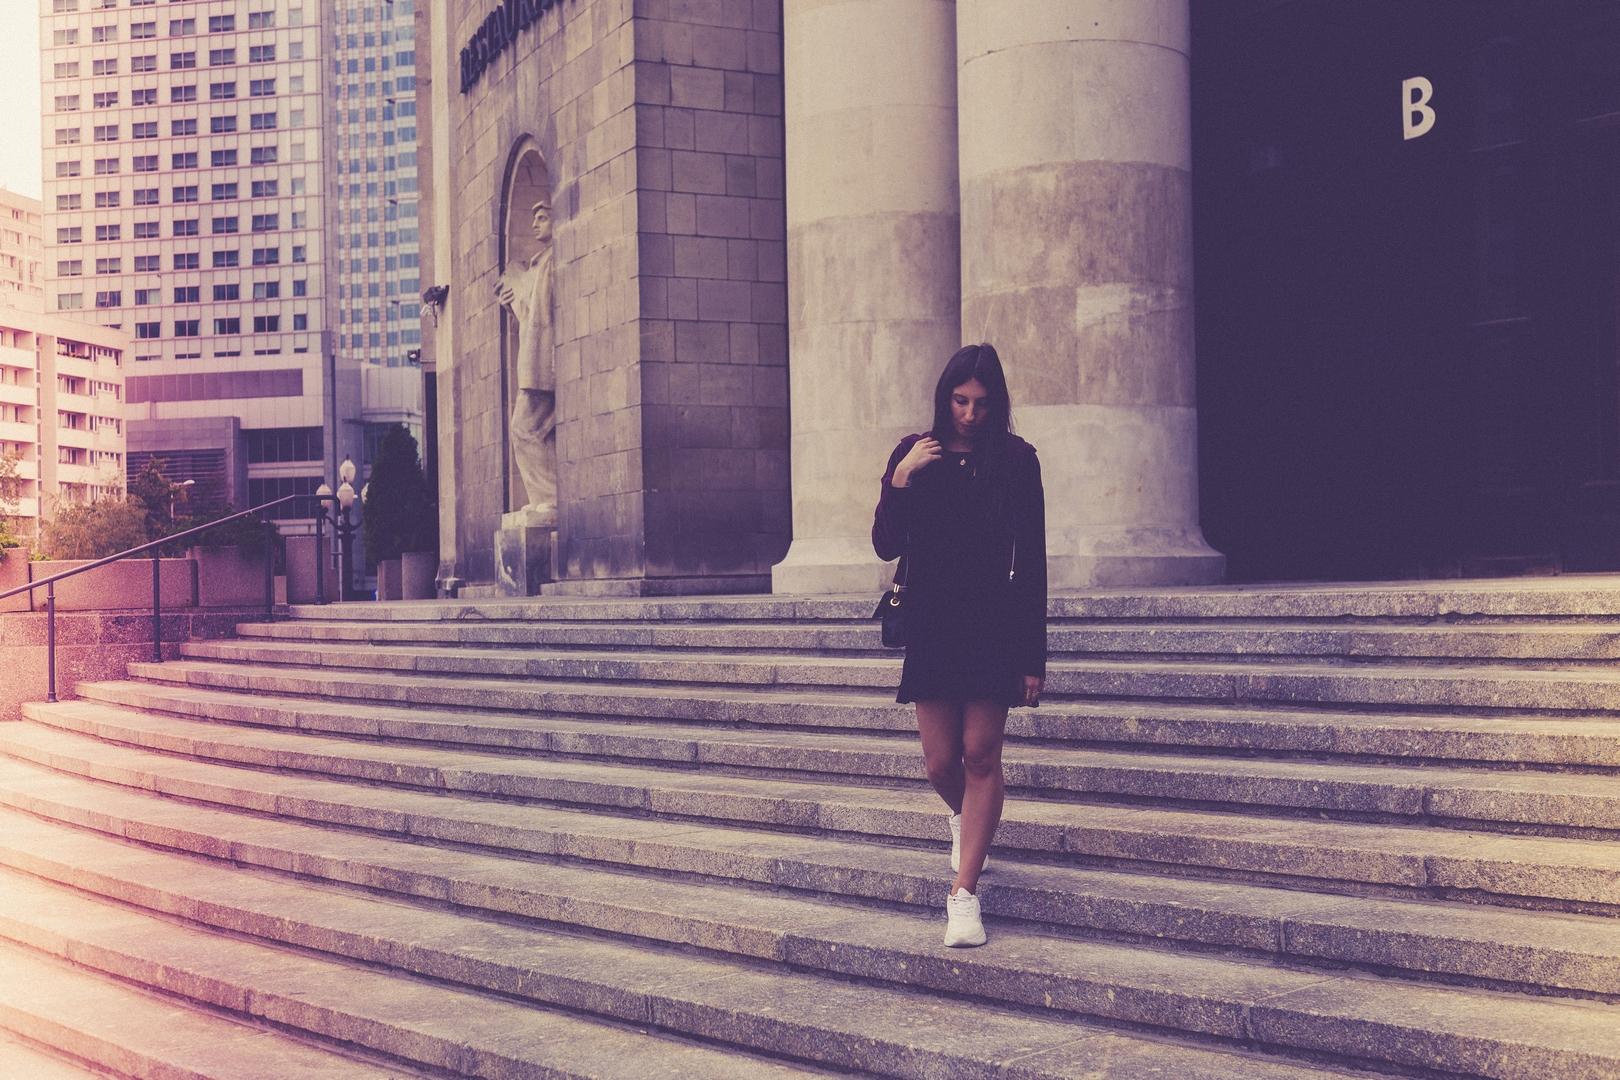 schody-moda-uliczna-trendy-br%C4%85z-jes